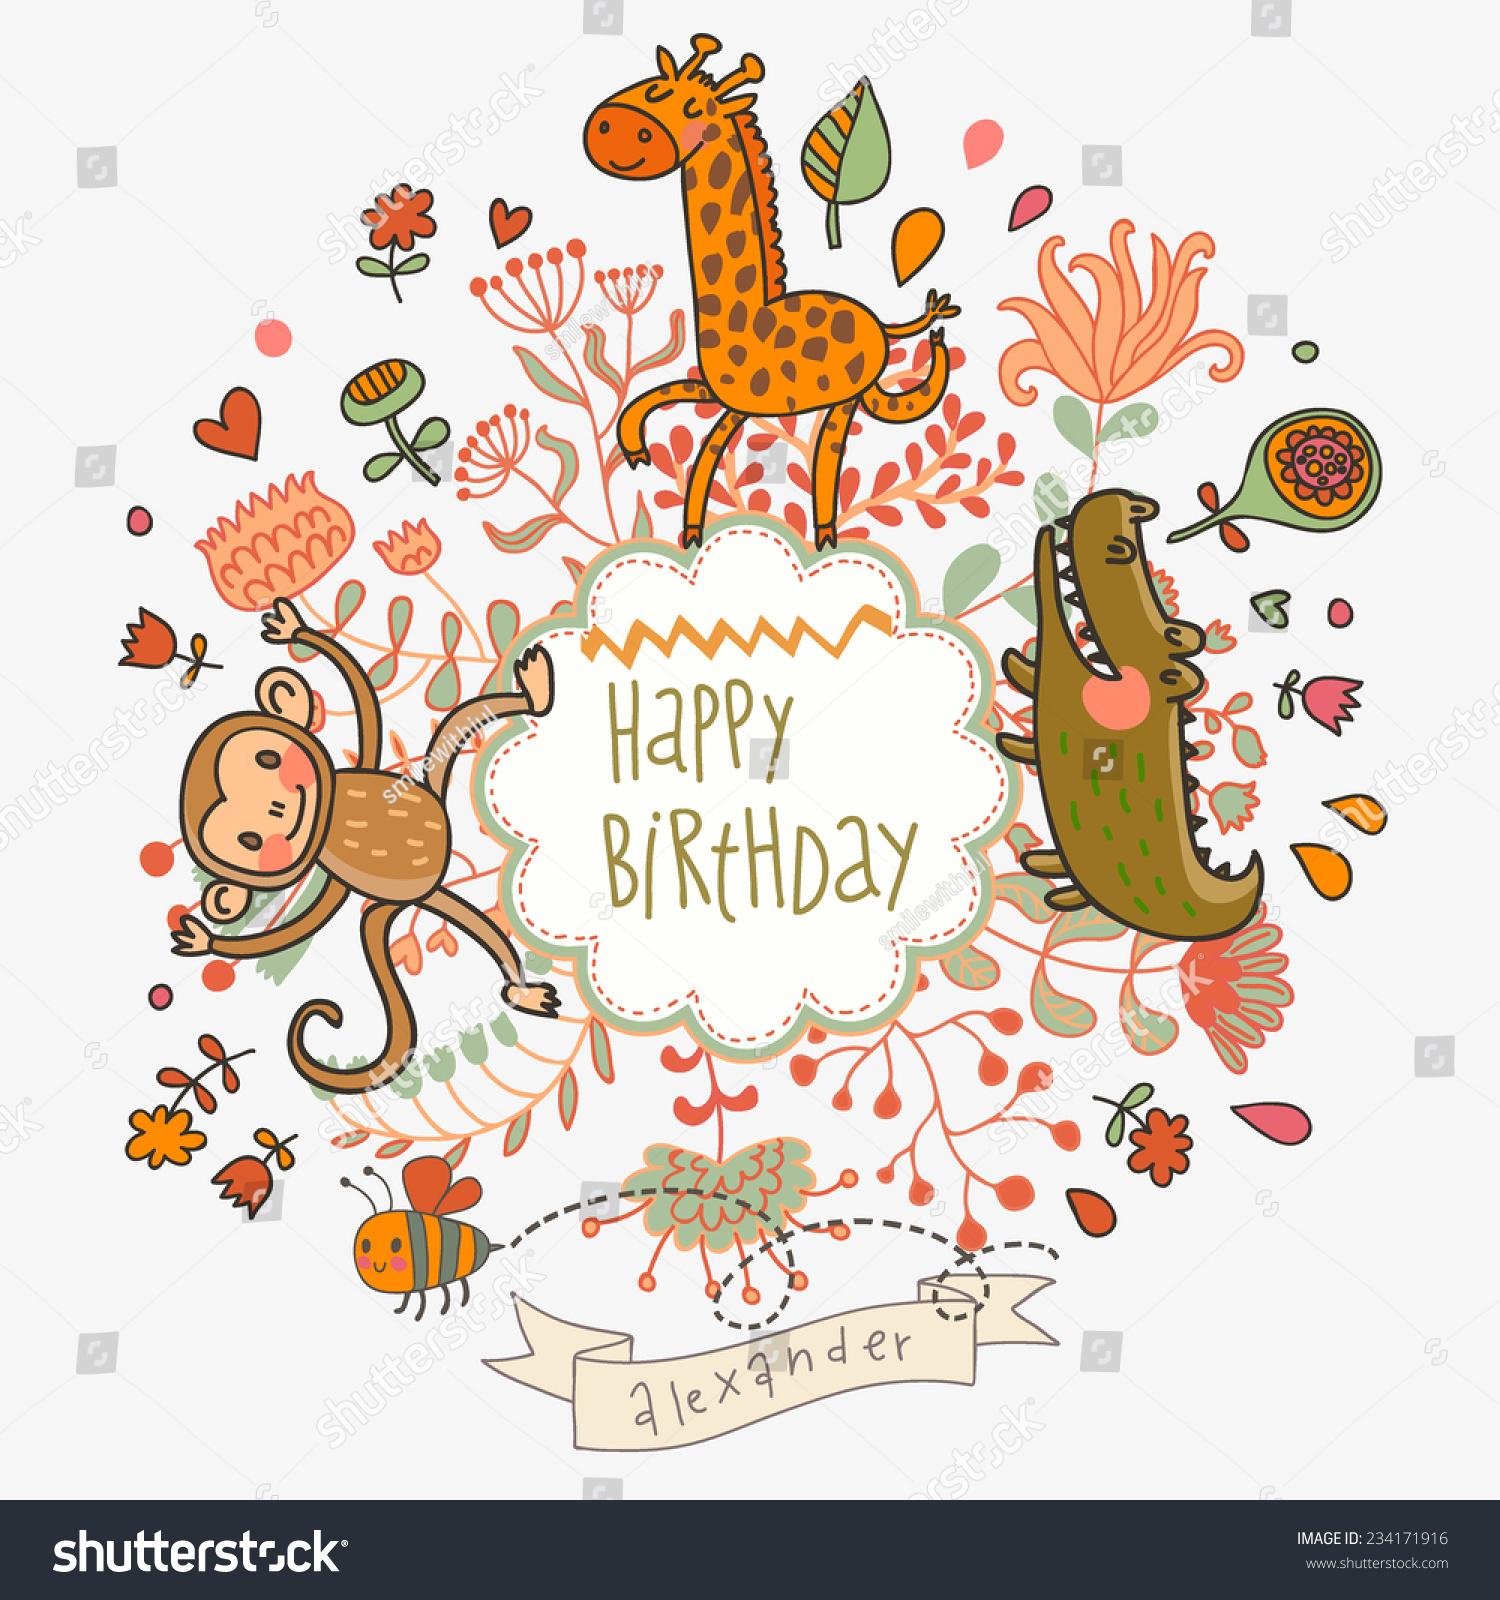 Cute Childish Card Crocodile Monkey Giraffe Stock Vector 234171916 ...